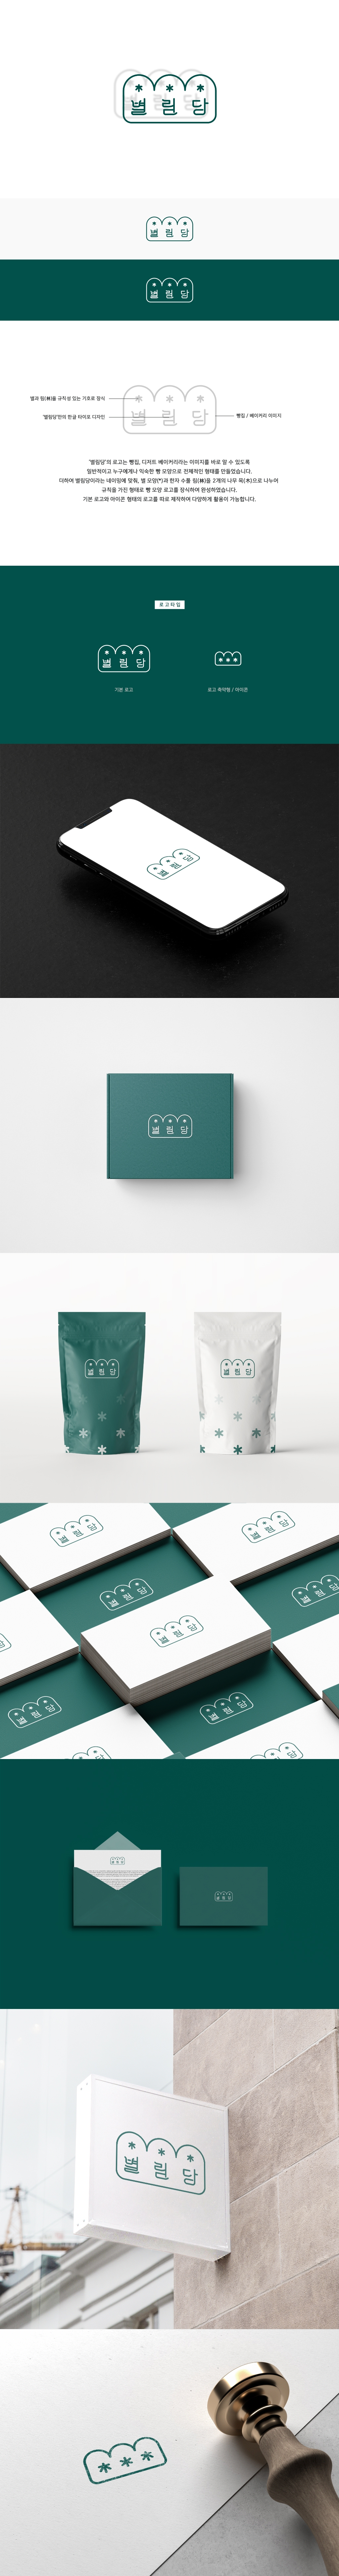 로고 디자인   [별림당] 저탄수 디저트 & 베이커리 로고 디자인 의뢰   라우드소싱 포트폴리오